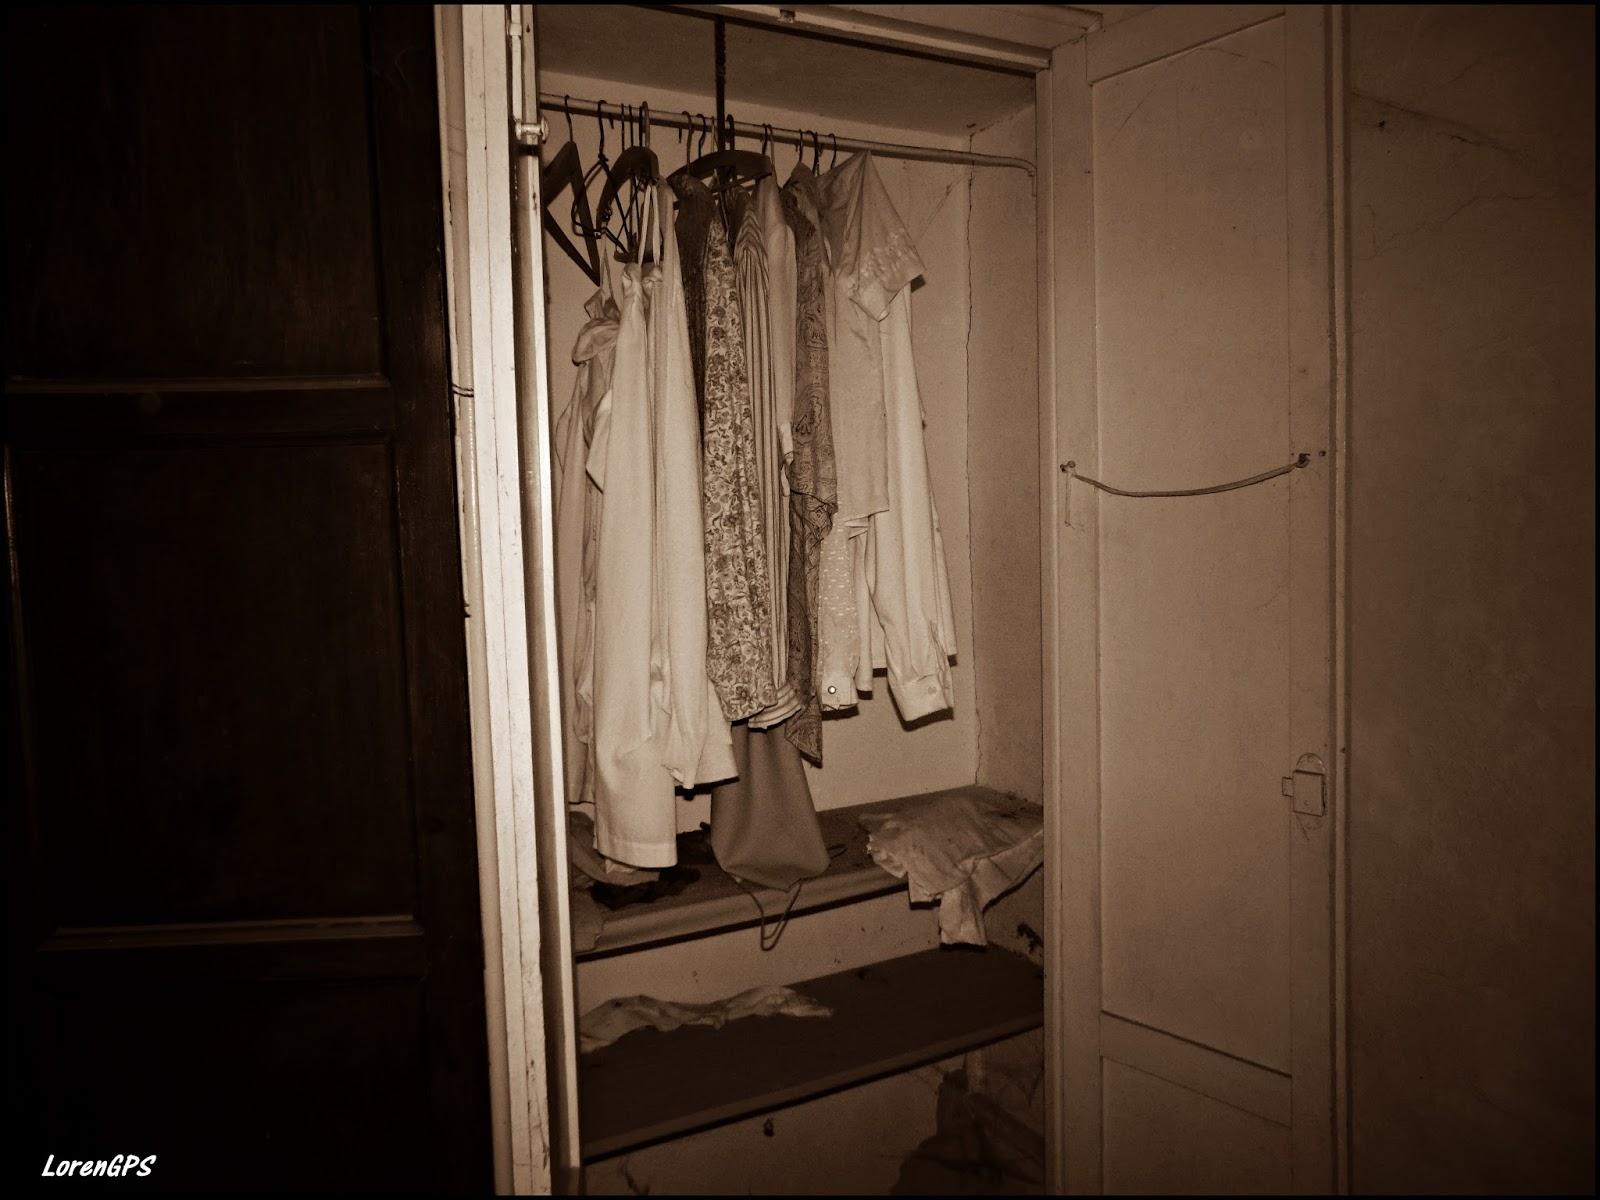 Investigaci N En La Casa De Los Horrores Con El Grupo Gps La  # Muebles Rumanos